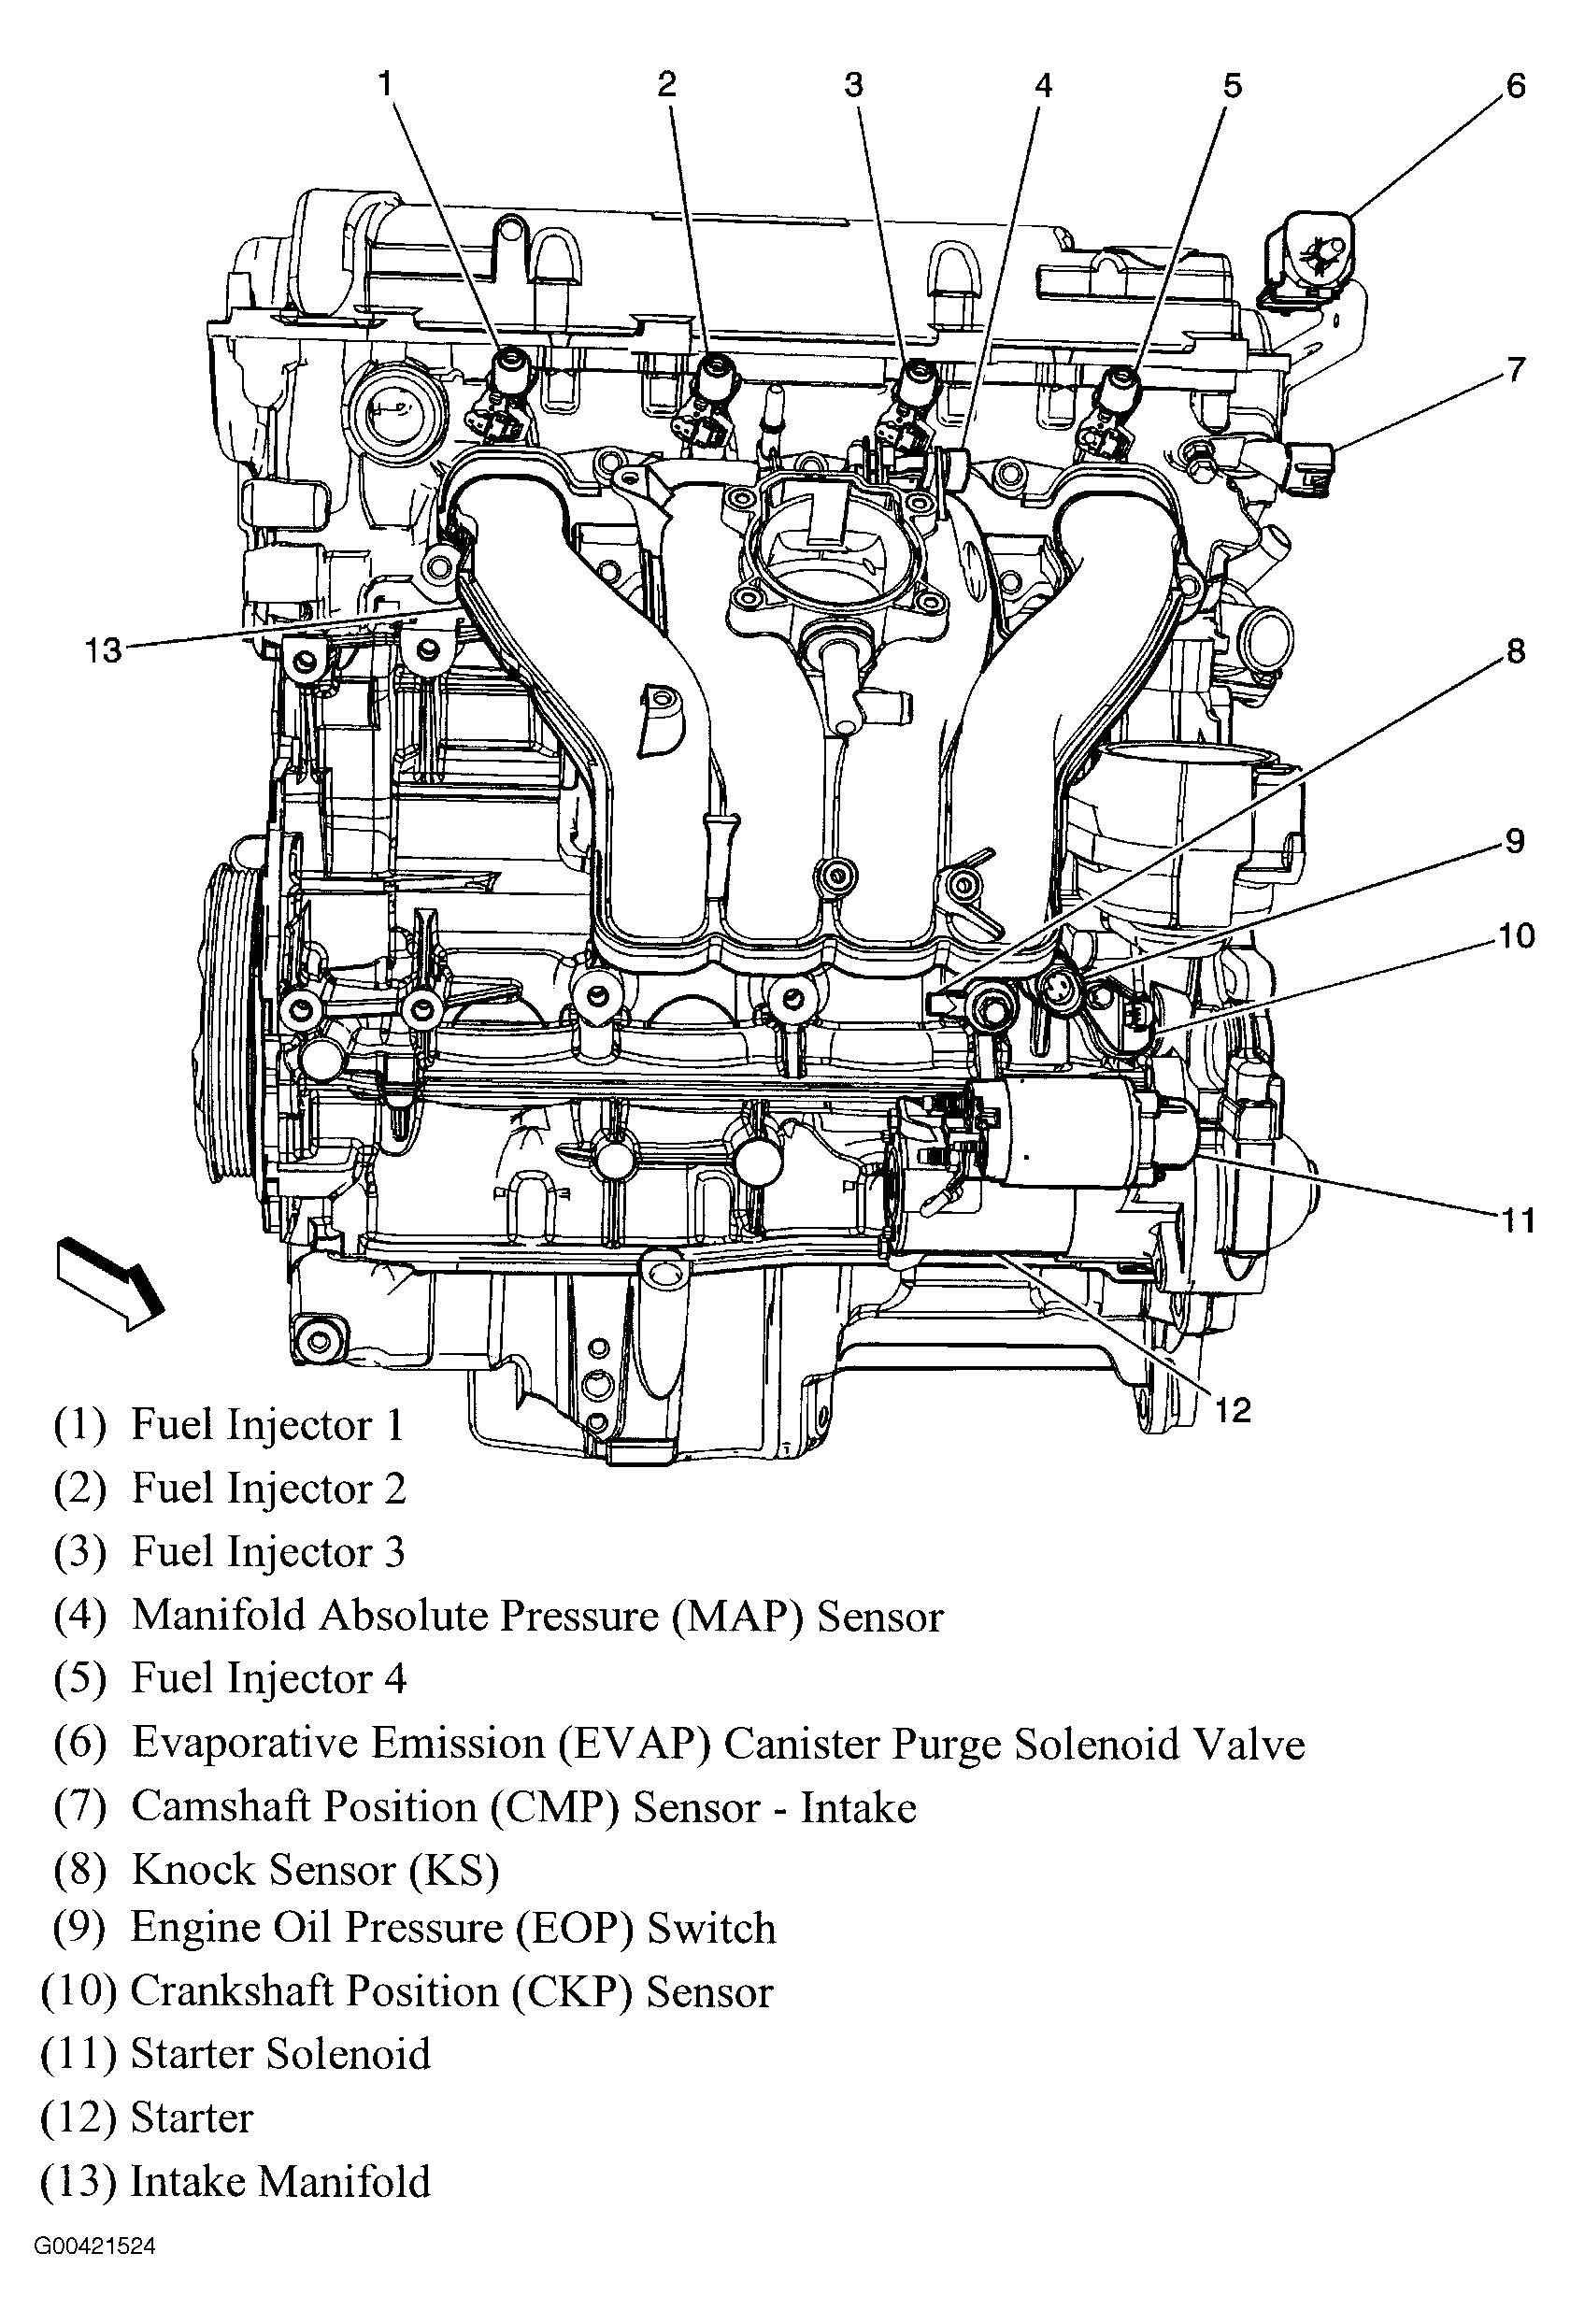 2002 pontiac grand prix intake manifold gasket diagram wiring 2002 pontiac grand prix intake manifold gasket diagram wiring